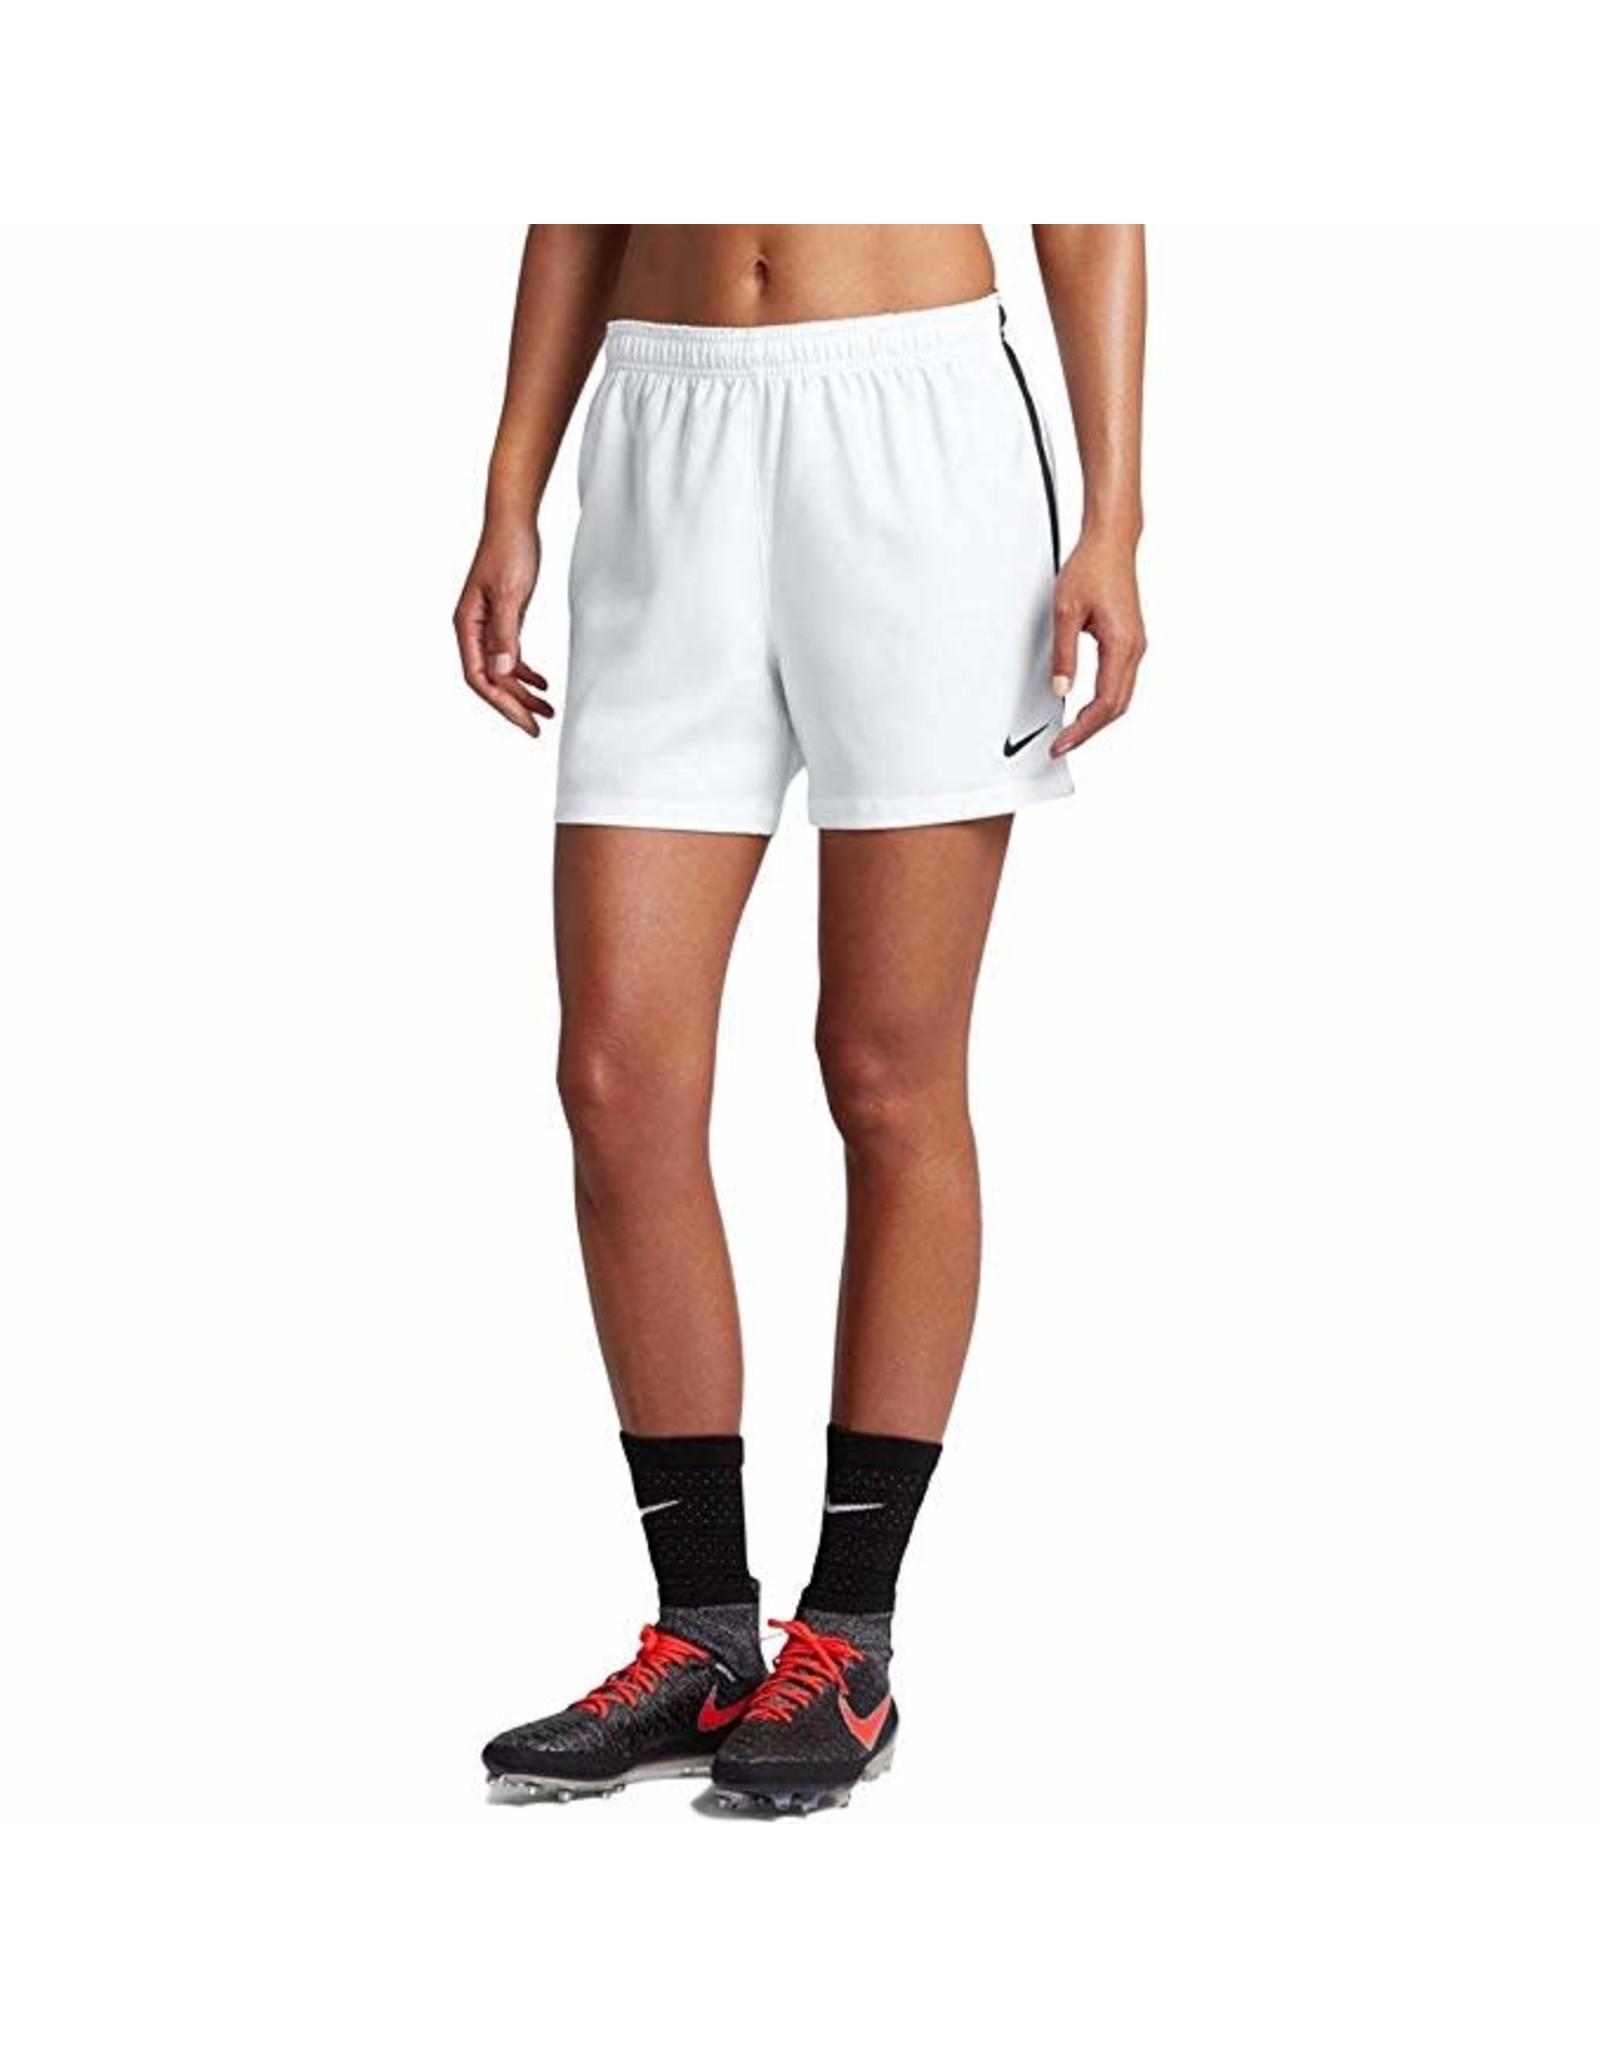 Nike Nike Women's Soccer Short (White)